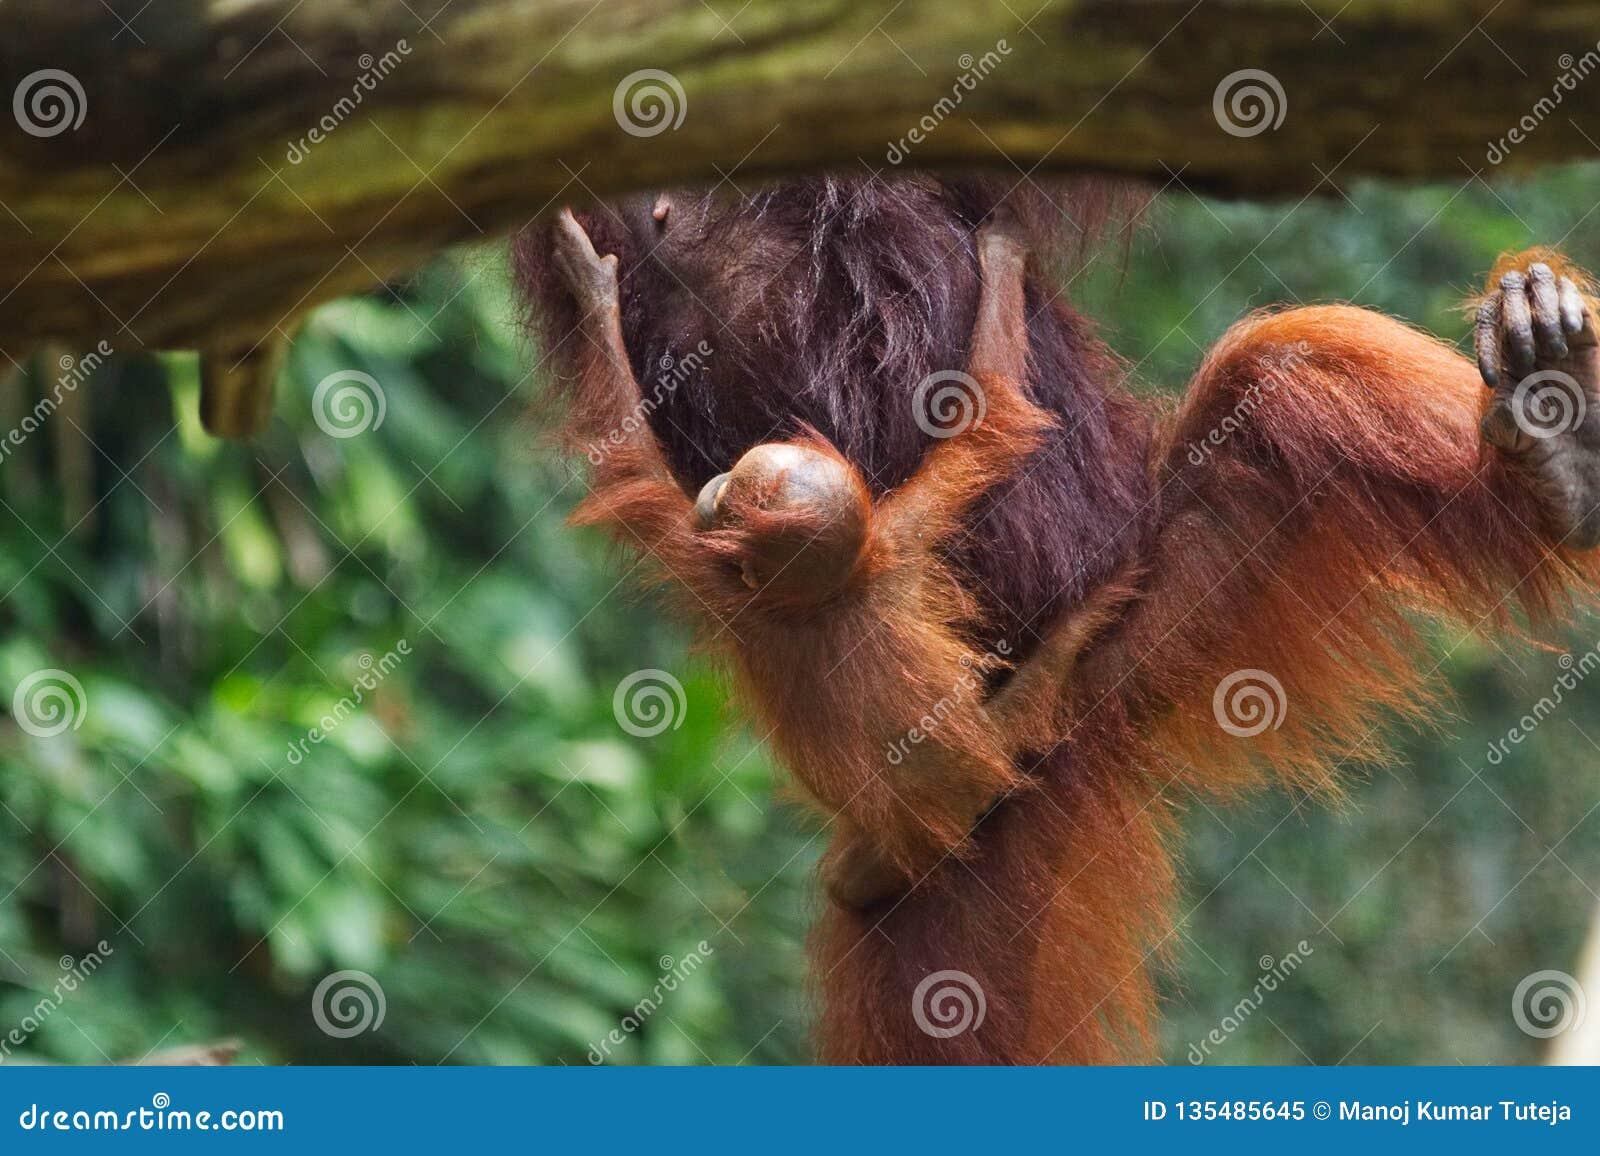 De buik van de holdingsmoeders van de babyorangoetan terwijl de moeder van boom aan boom springt